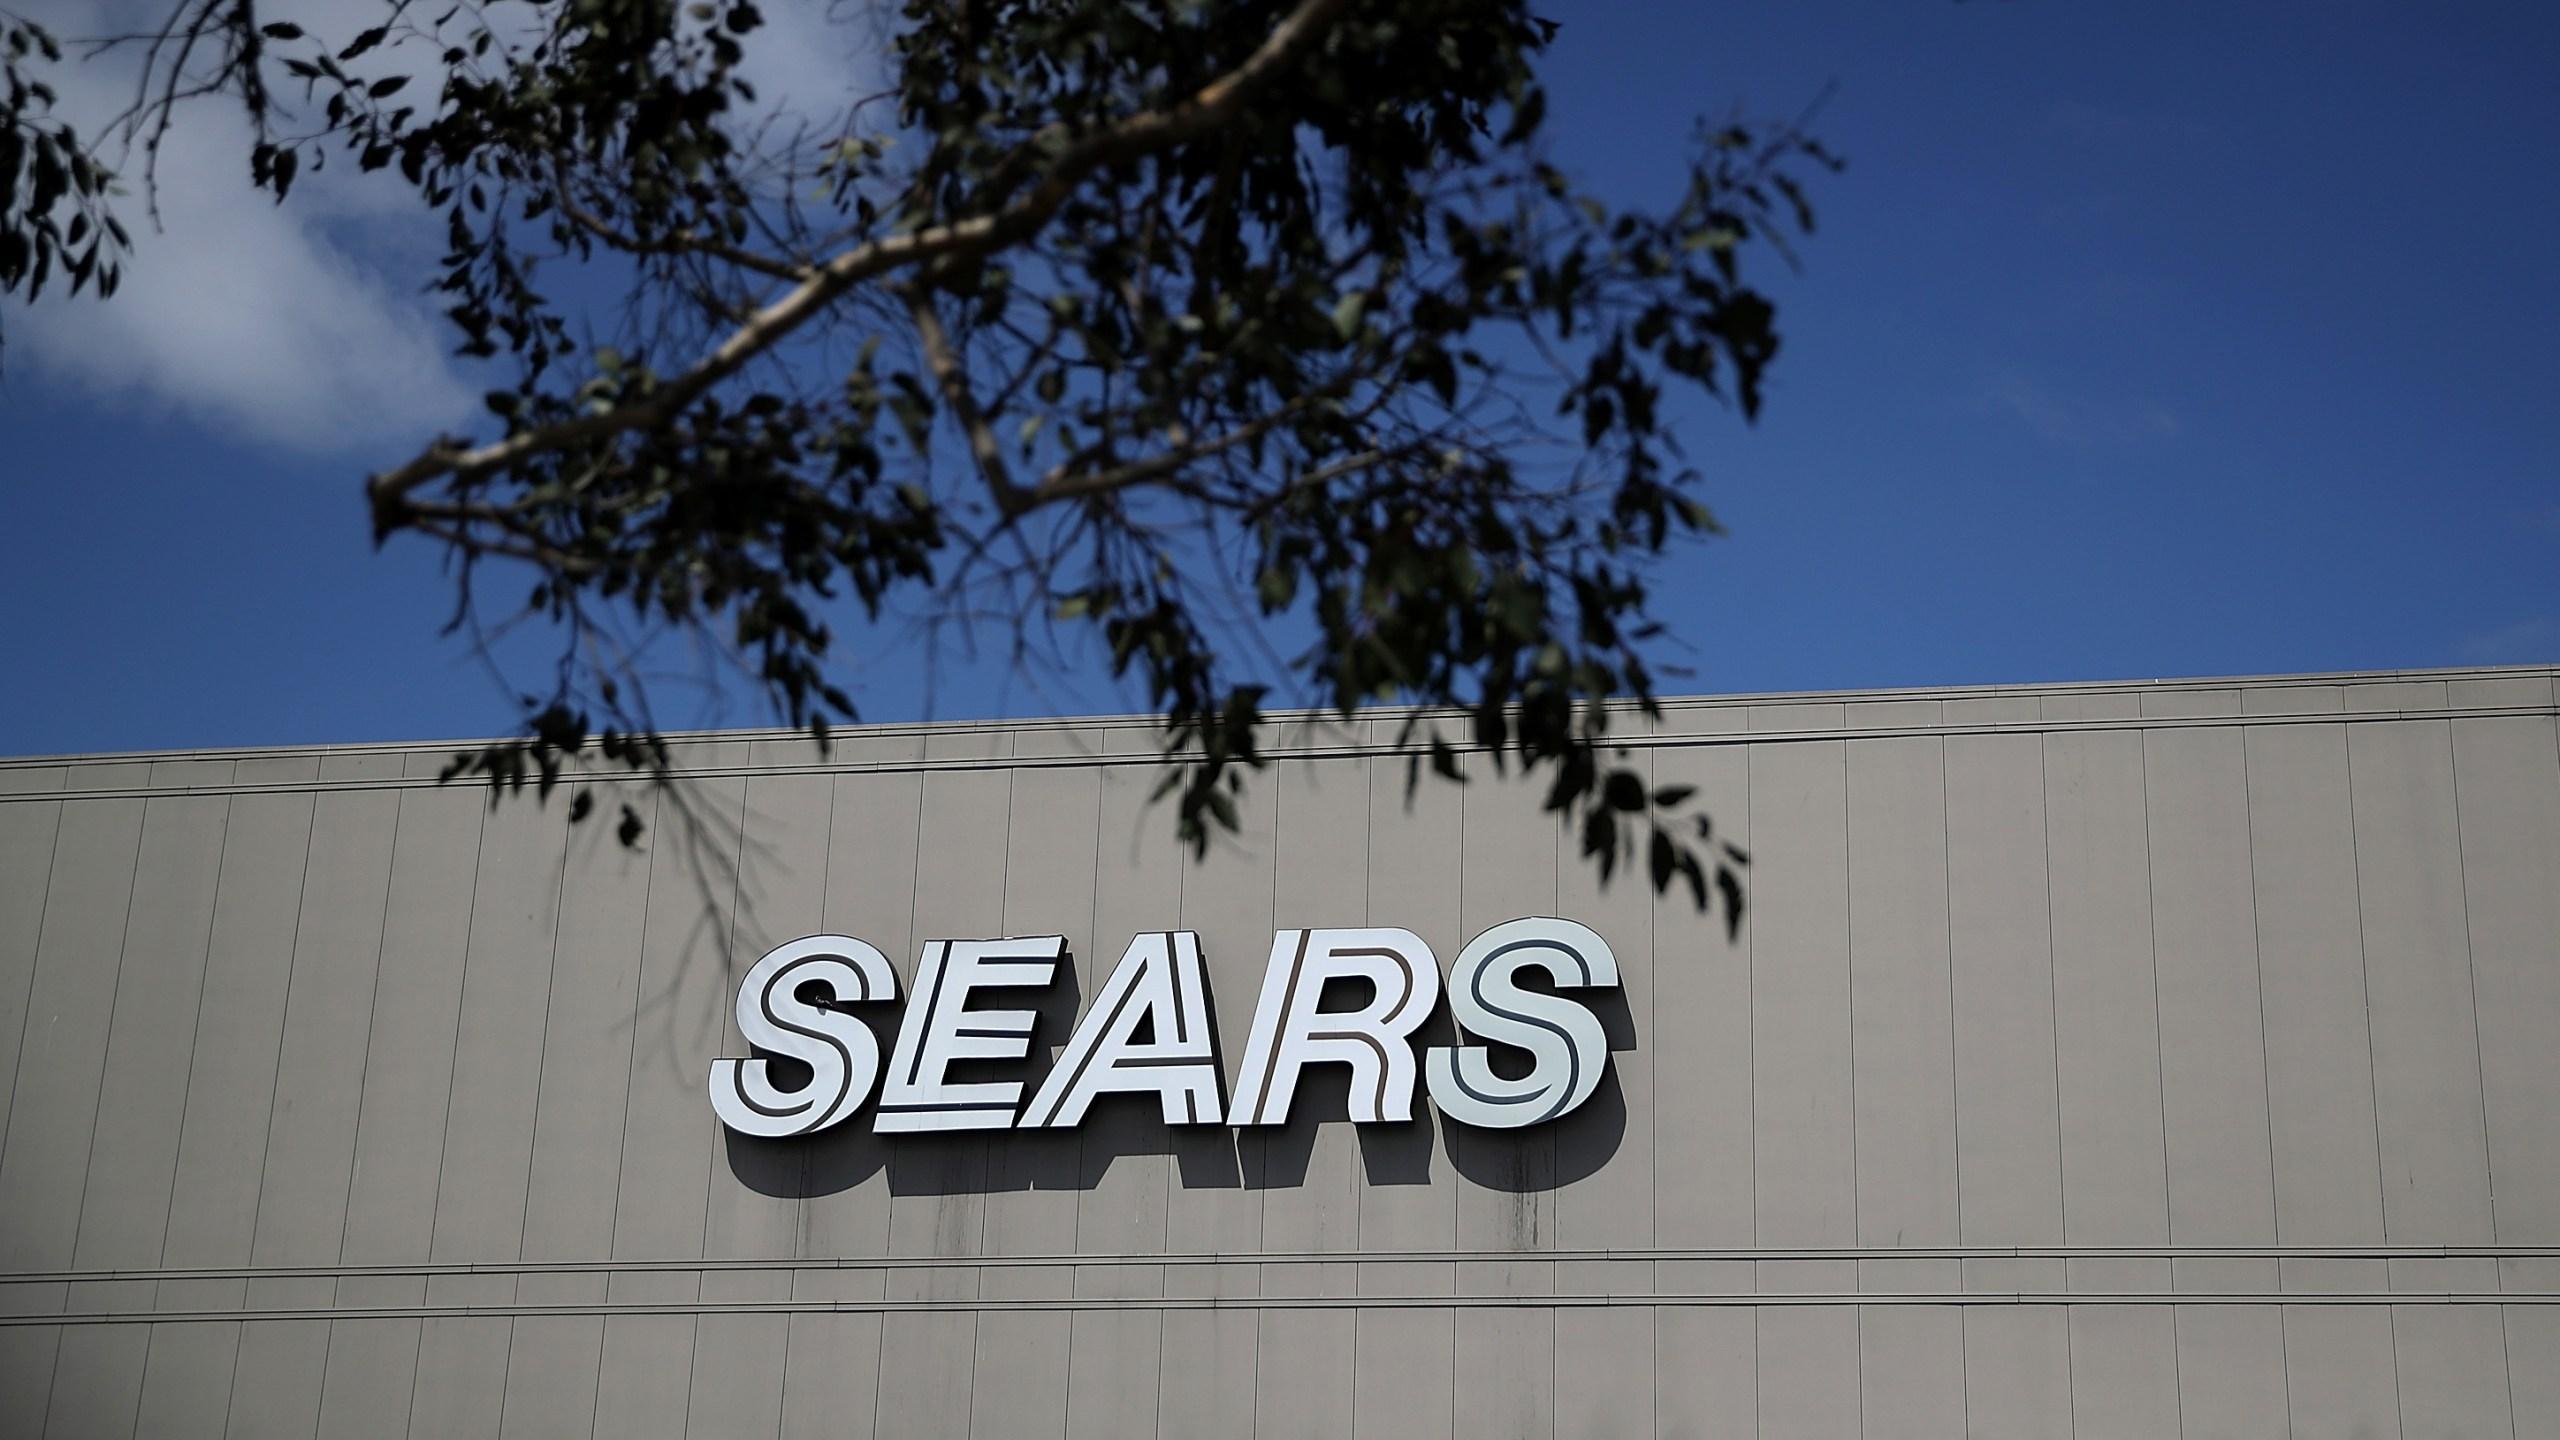 Sears file photo